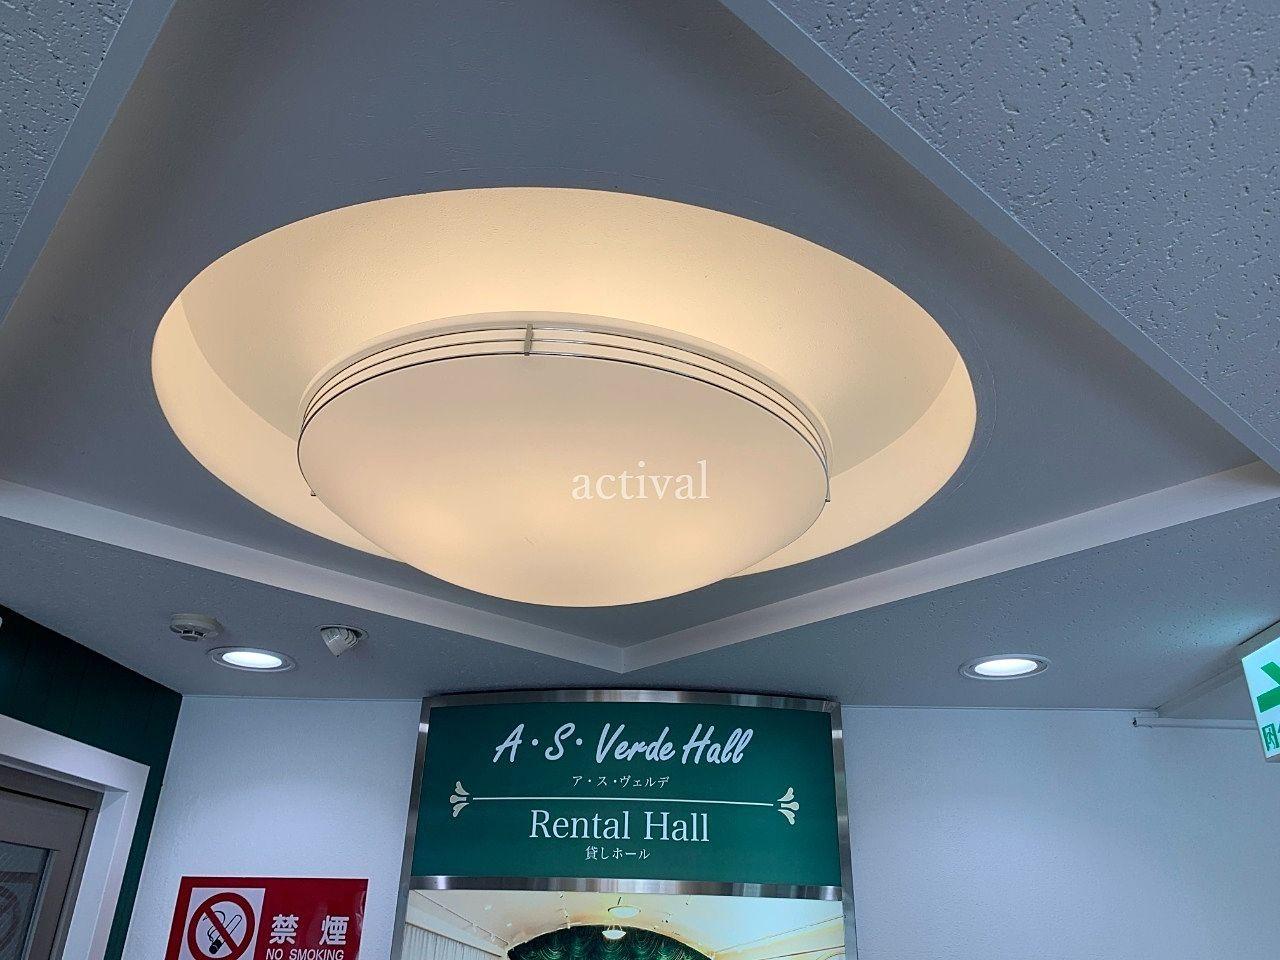 ア・ス・ヴェルデⅡのア・ス・ヴェルデホールにある虫が入った照明カバーをきれいに掃除しました。